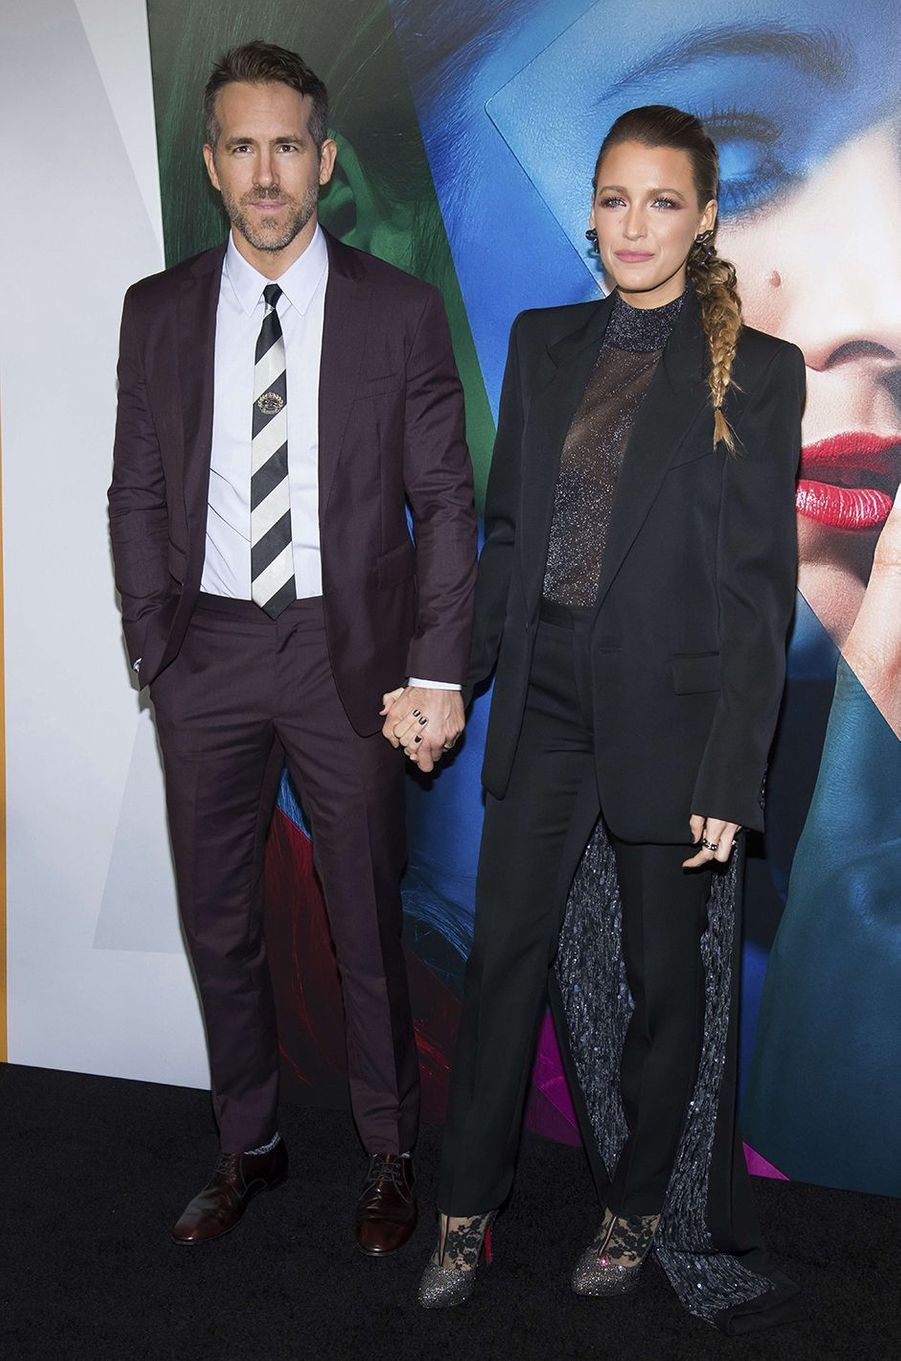 Ryan Reynolds et Blake Lively se sont mariés en 2012 après onze mois de relation